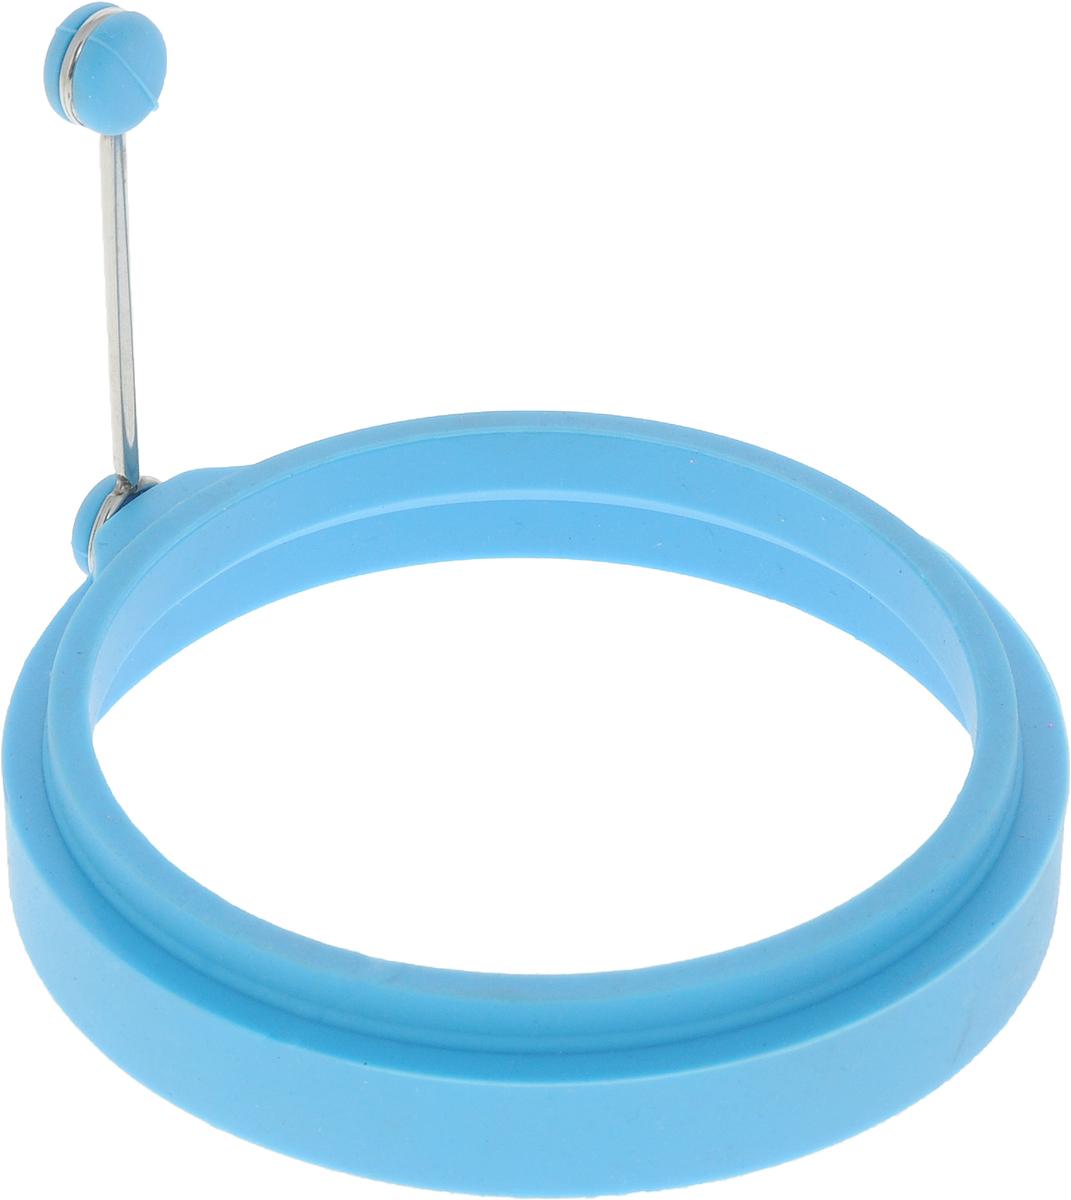 Форма для яичницы Gipfel Eco, цвет: голубой, диаметр 10,5 см